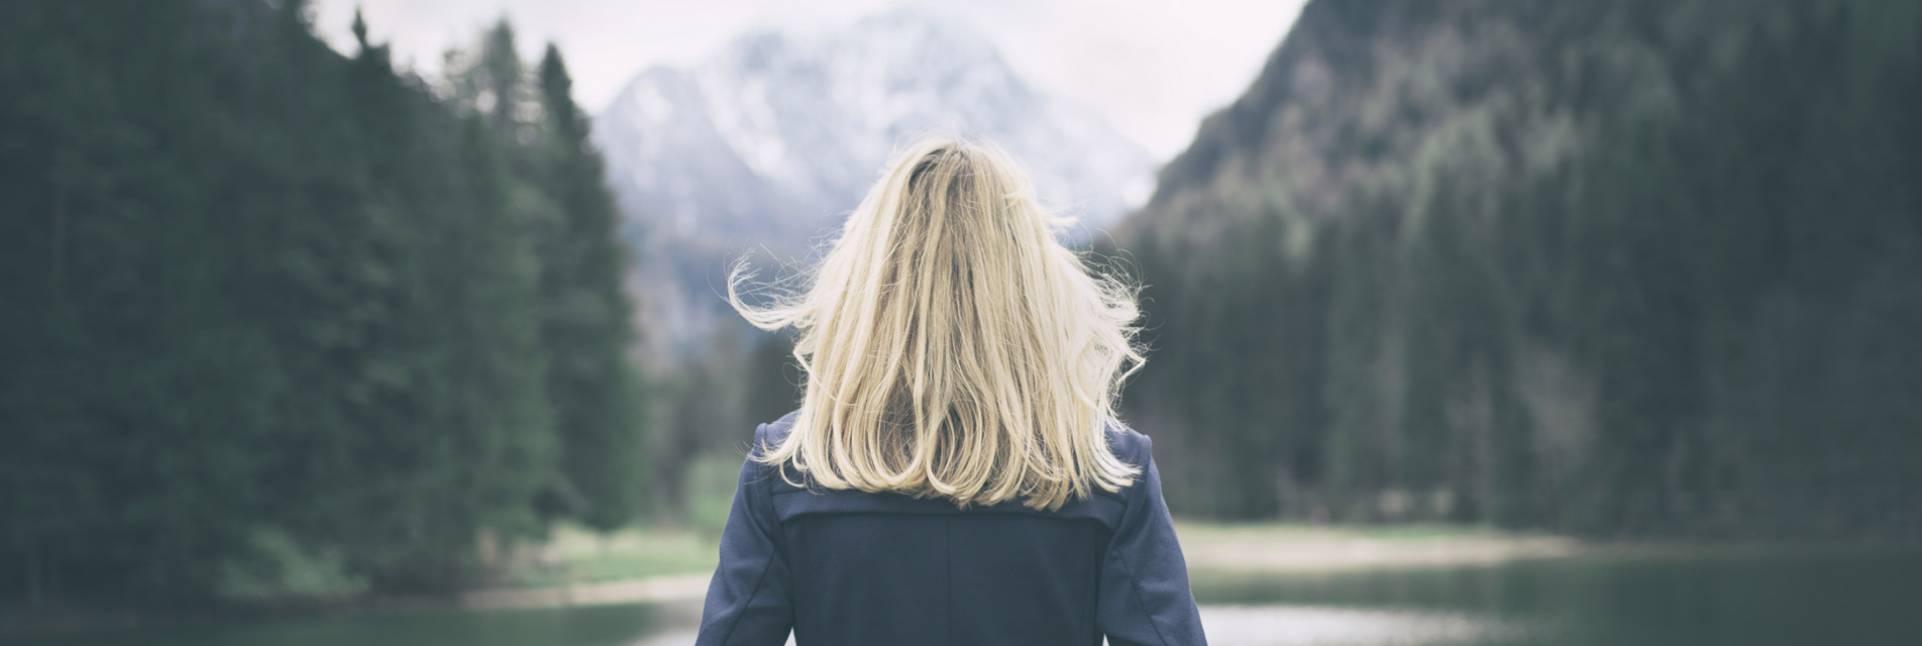 5 consejos para abordar el dolor en las relaciones sexuales